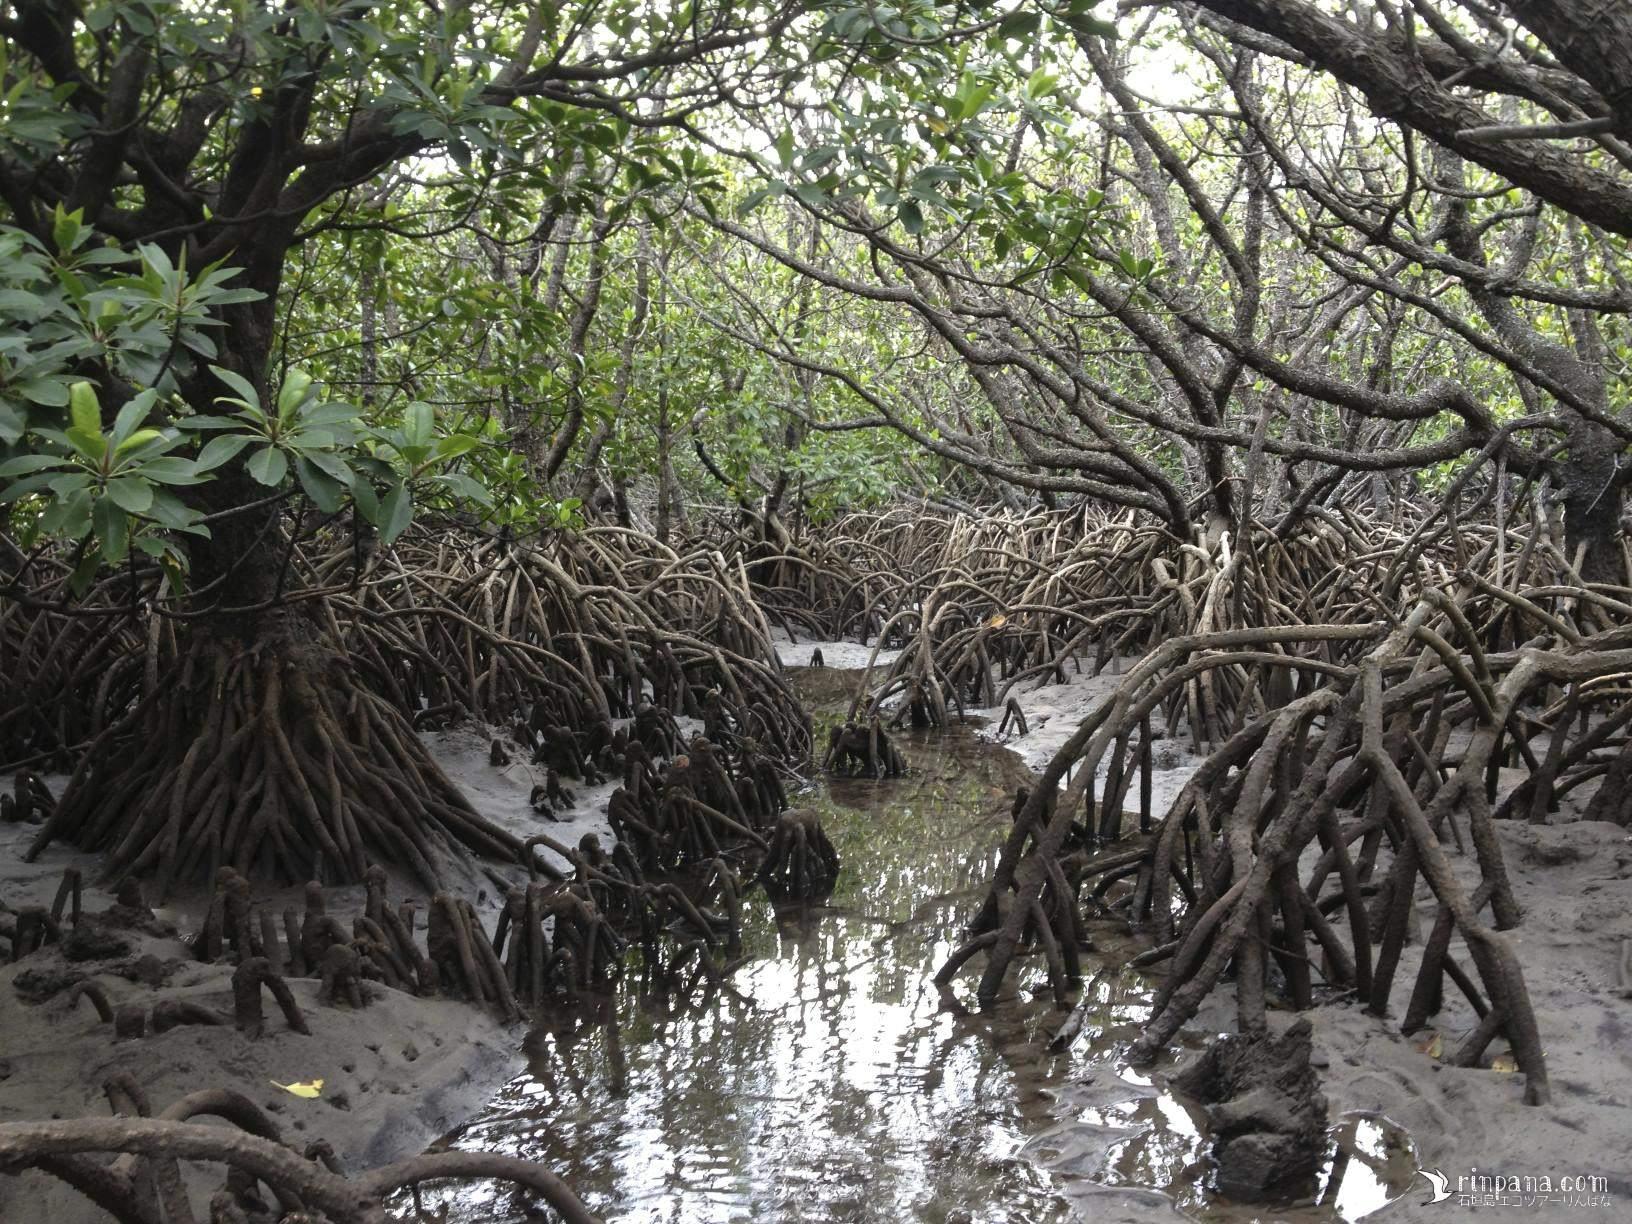 マングローブ林の裏側には何があるの?